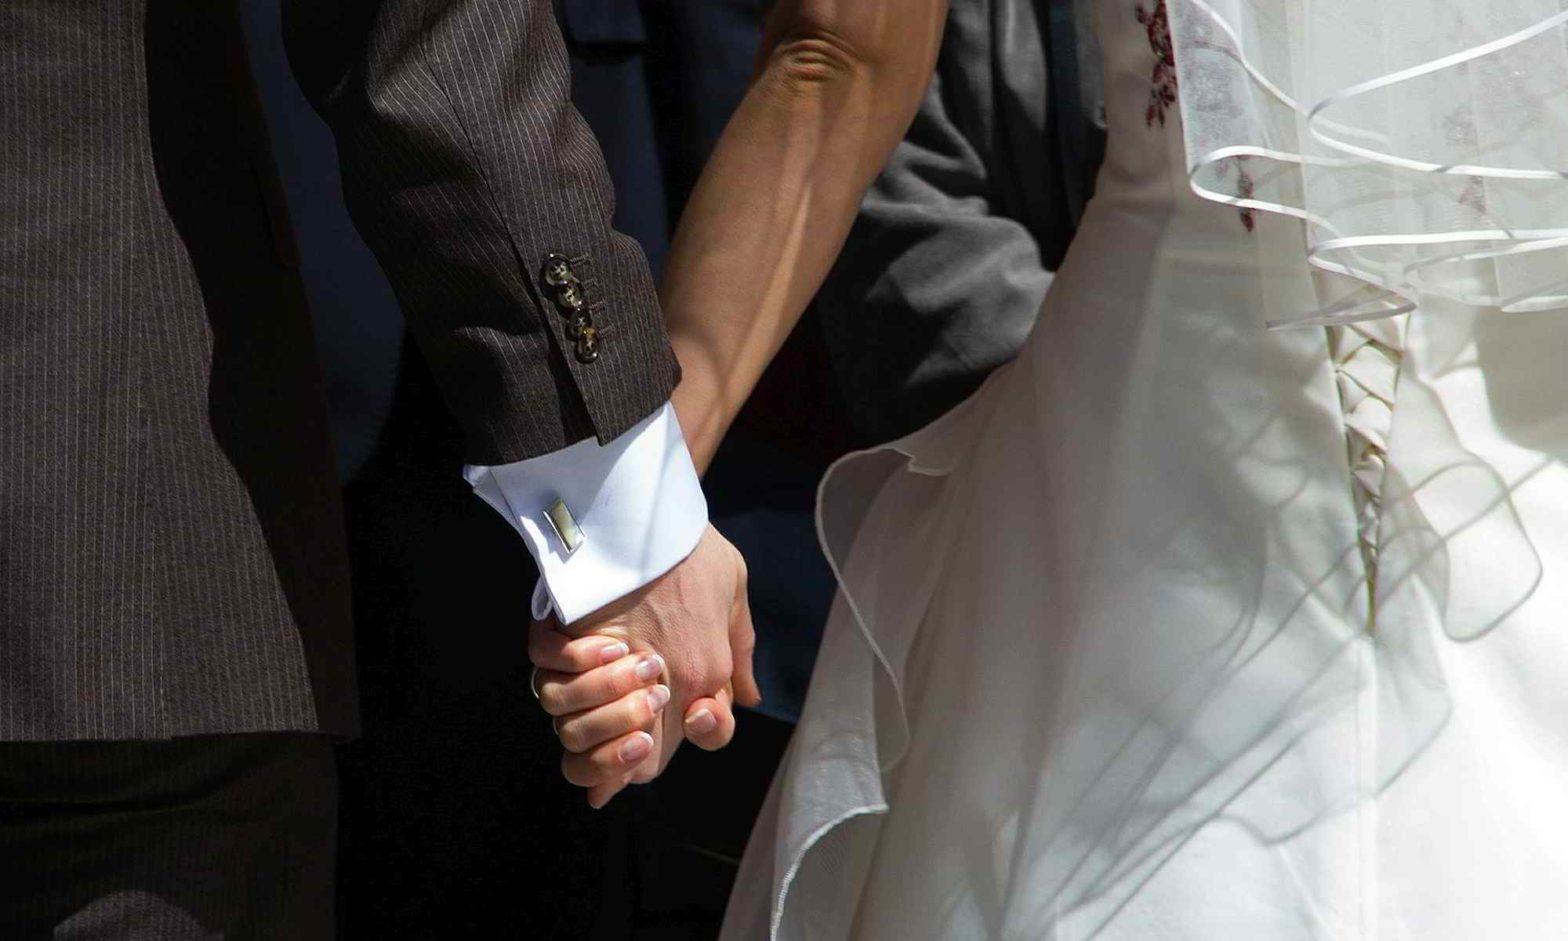 Carmen-Neuls | Hochzeitsrednerin aus dem Westerwald. Hochzeitsreden für Hochzeiten in Rheinland-Pfalz, Nordrhein-Westfalen (NRW) und Hessen / Mehr als Worte für Ihre Hochzeitsrede bzw. Hochzeit.